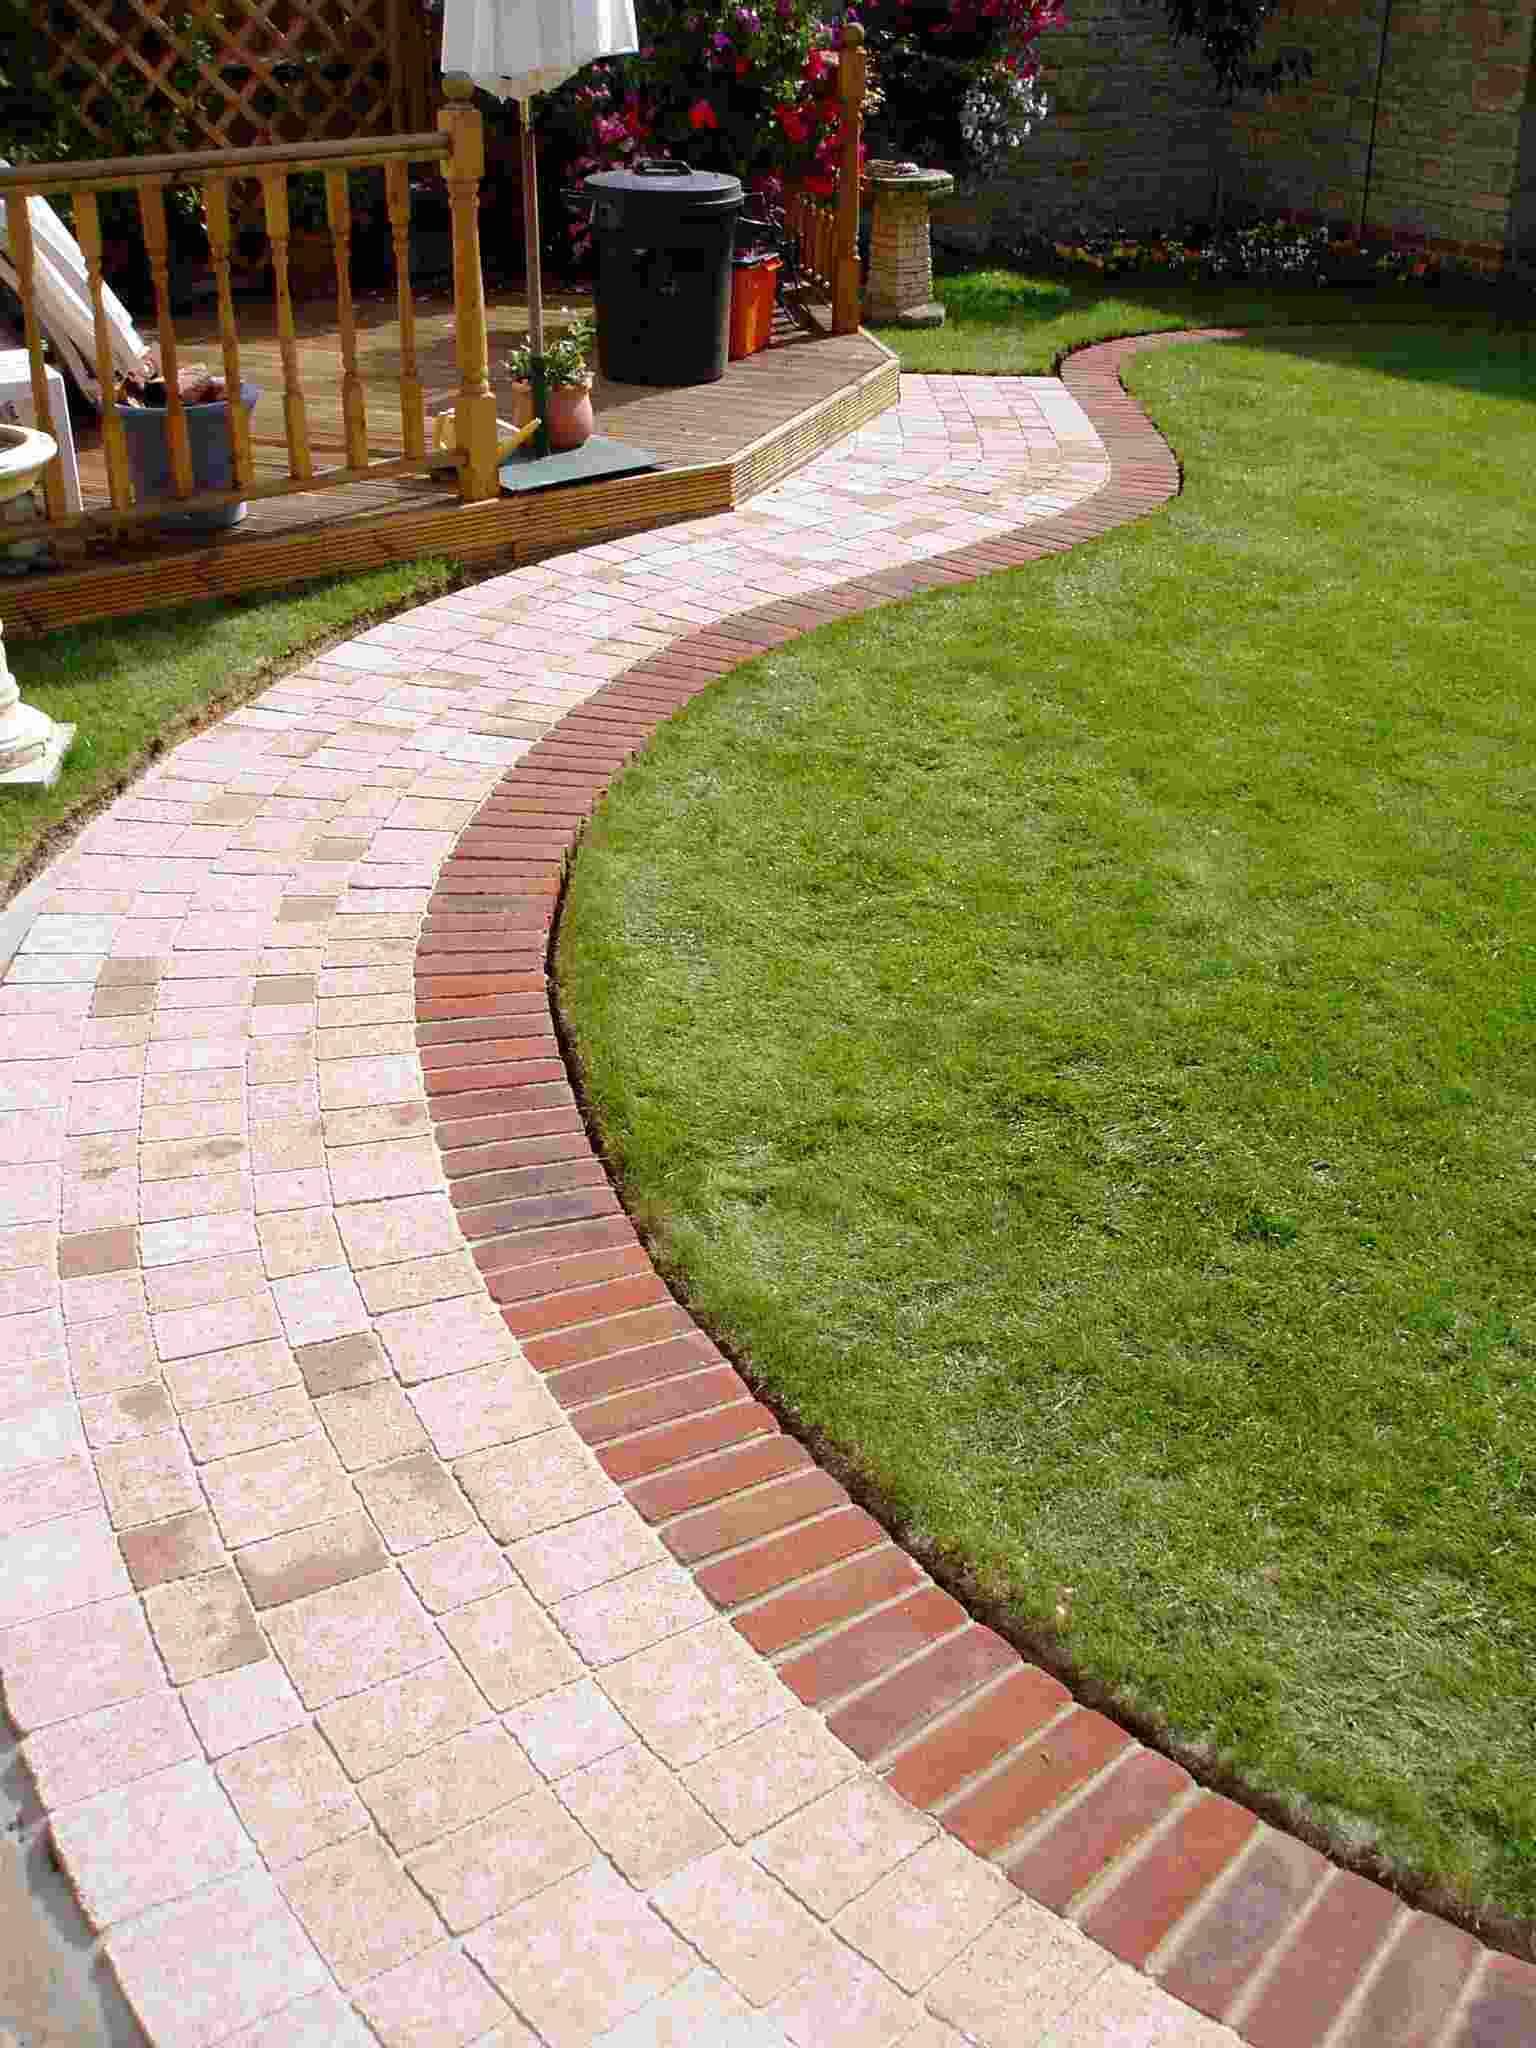 Bordure De Jardin: Préparez Vos Jardins Et Terrasses pour Faire Une Bordure De Jardin